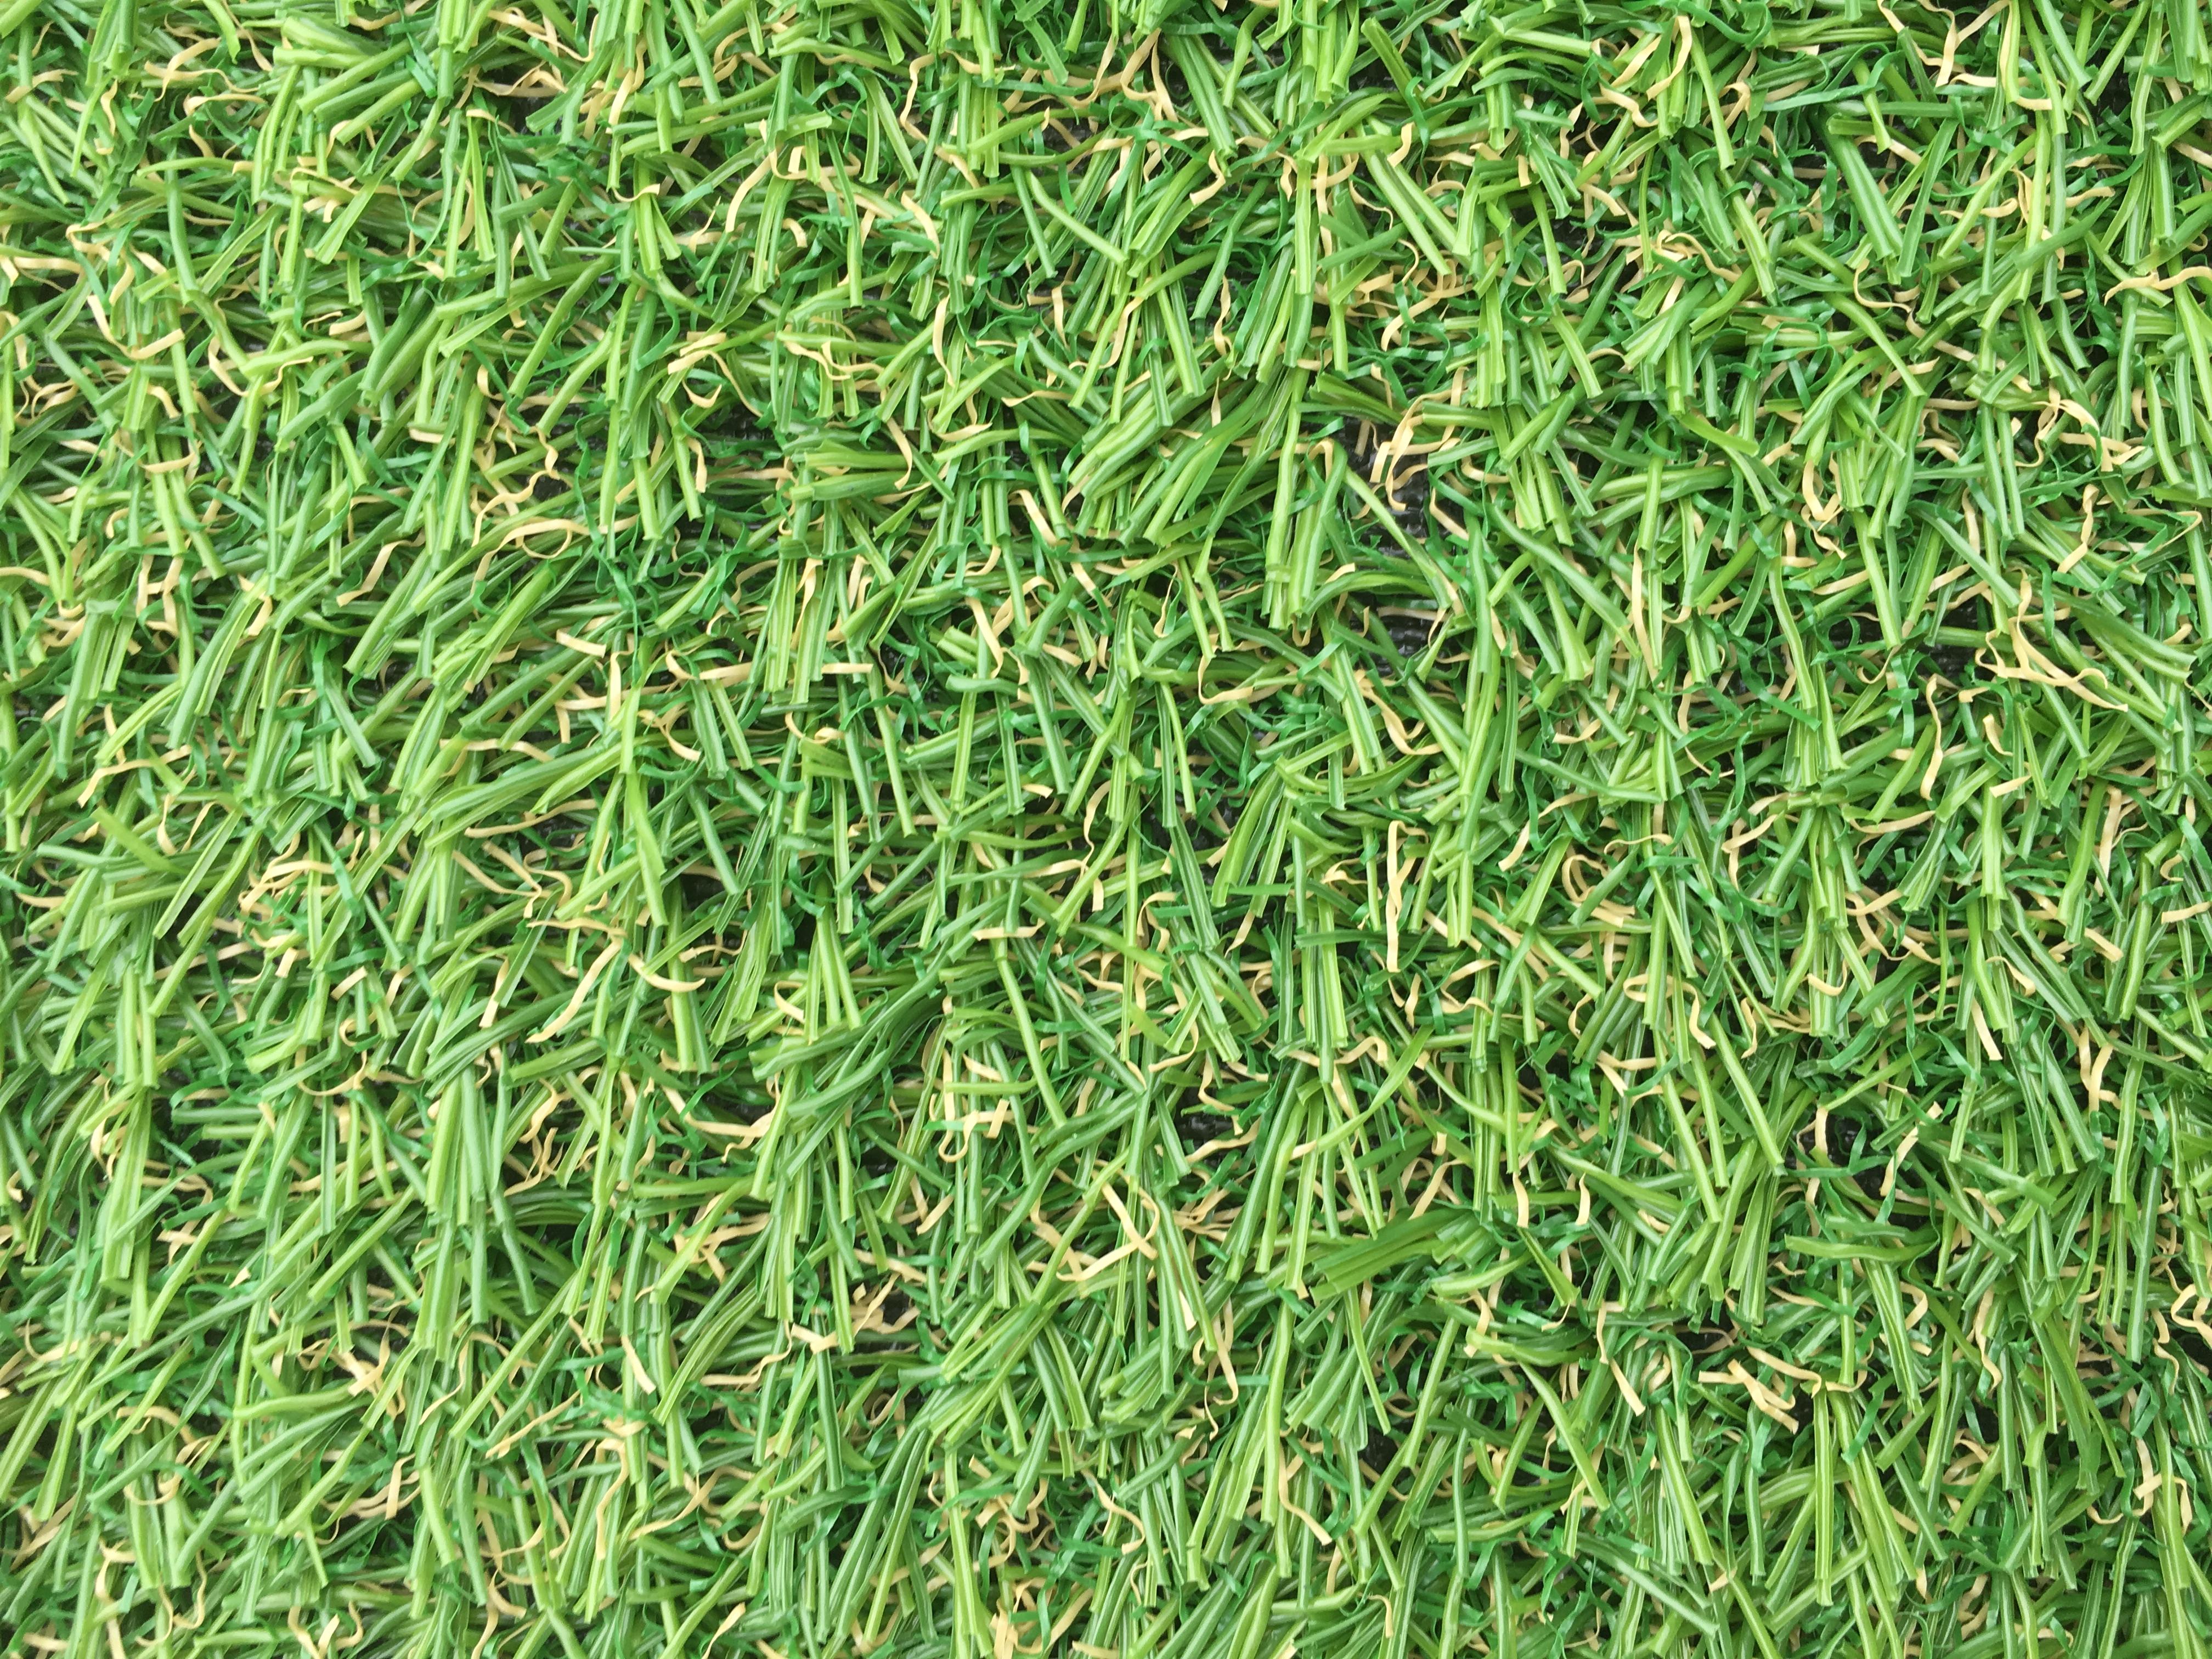 Covor Iarba Artificiala, Tip Gazon, Verde, Natura, 100% Polipropilena, 10 mm, 200x400 cm4